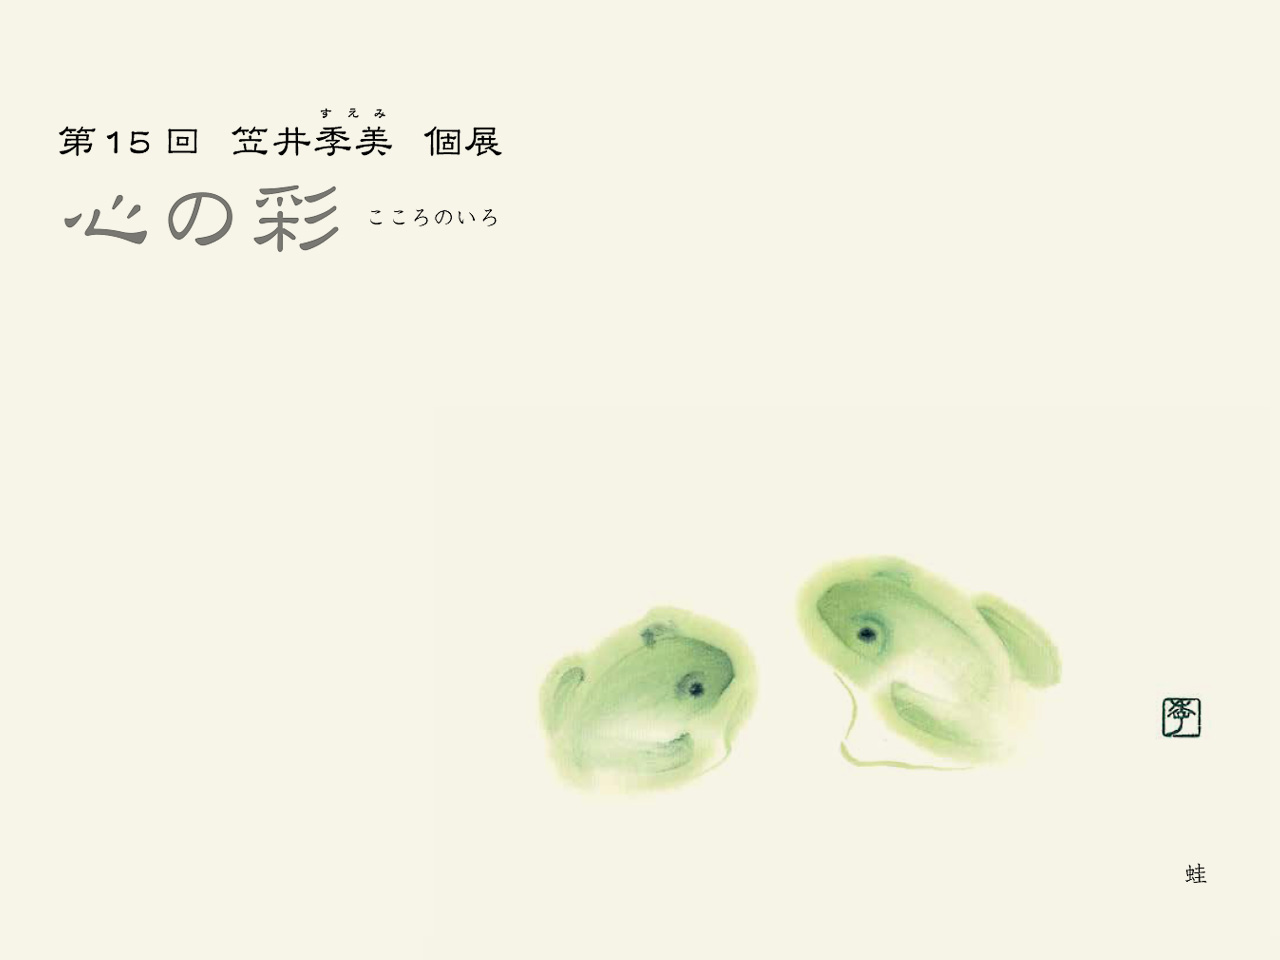 案内状 笠井季美個展「心の彩」